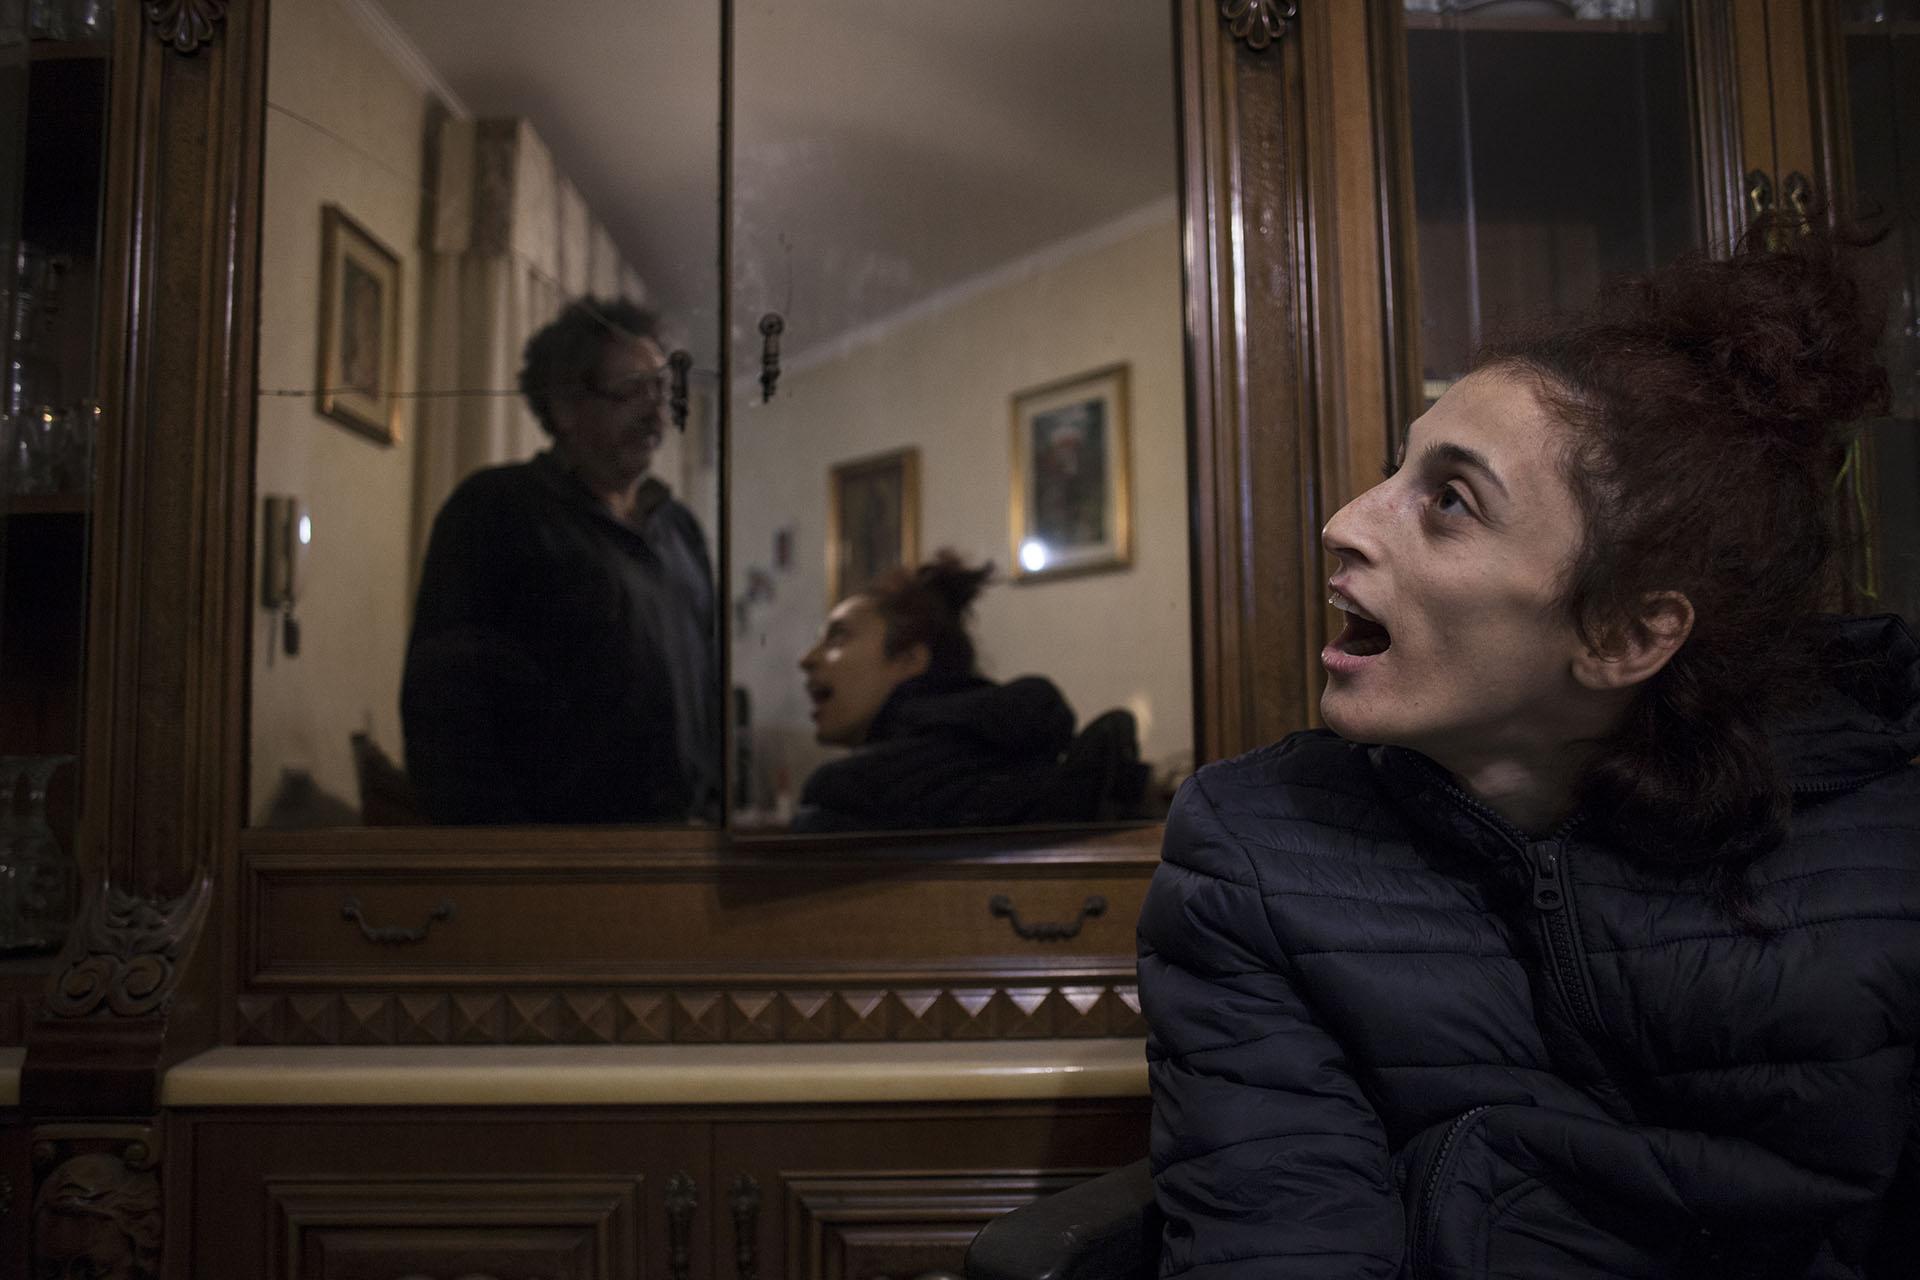 Letizia-Story-of-unseen-lives_ph_Danilo Garcia Di Meo_21